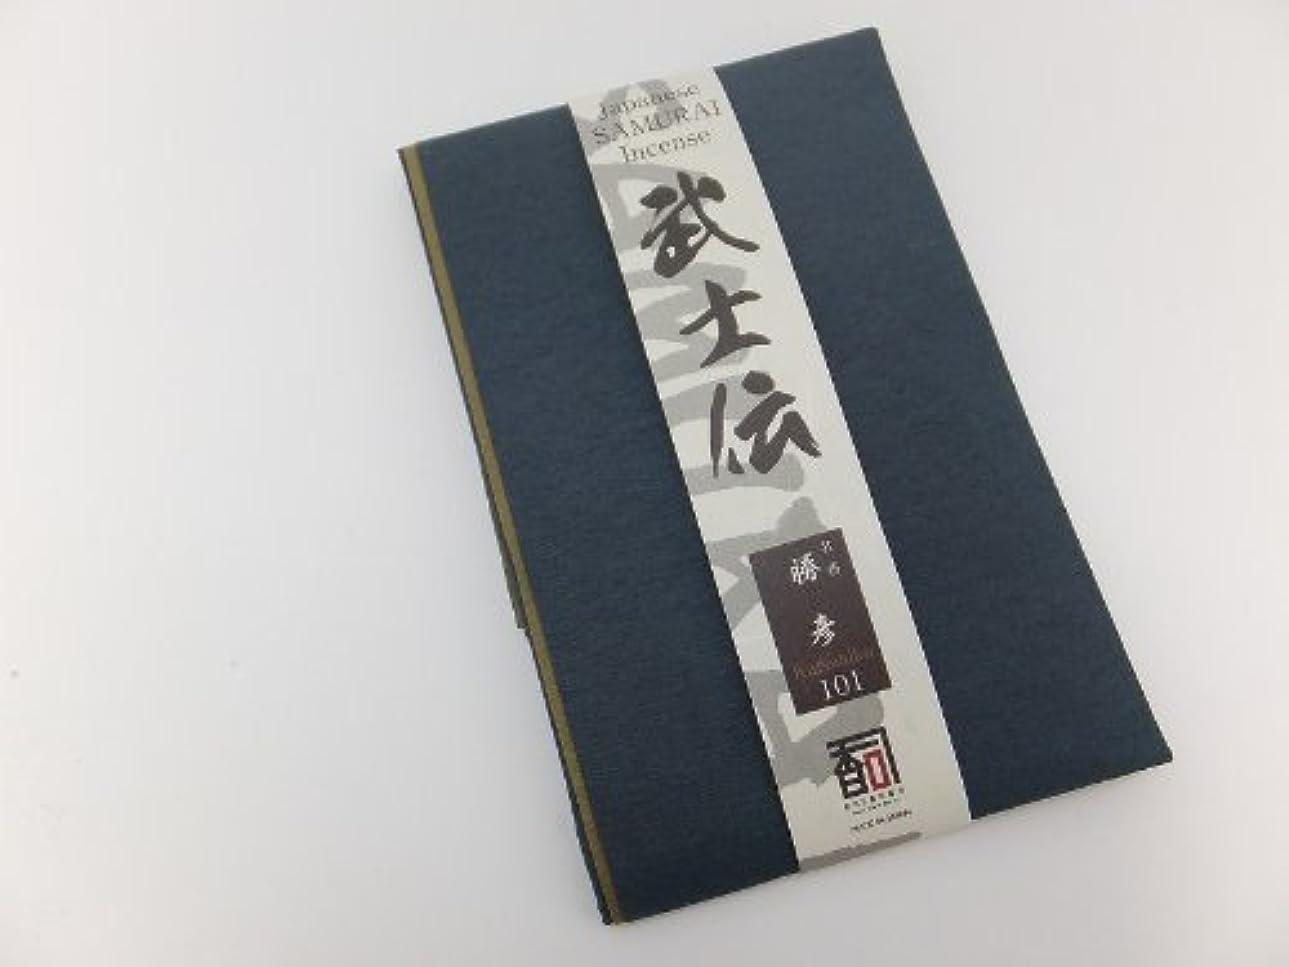 シングルひどい浸した「あわじ島の香司」 日本の香りシリーズ 武士伝 【101】 勝彦 ◆経済産業大臣賞◆